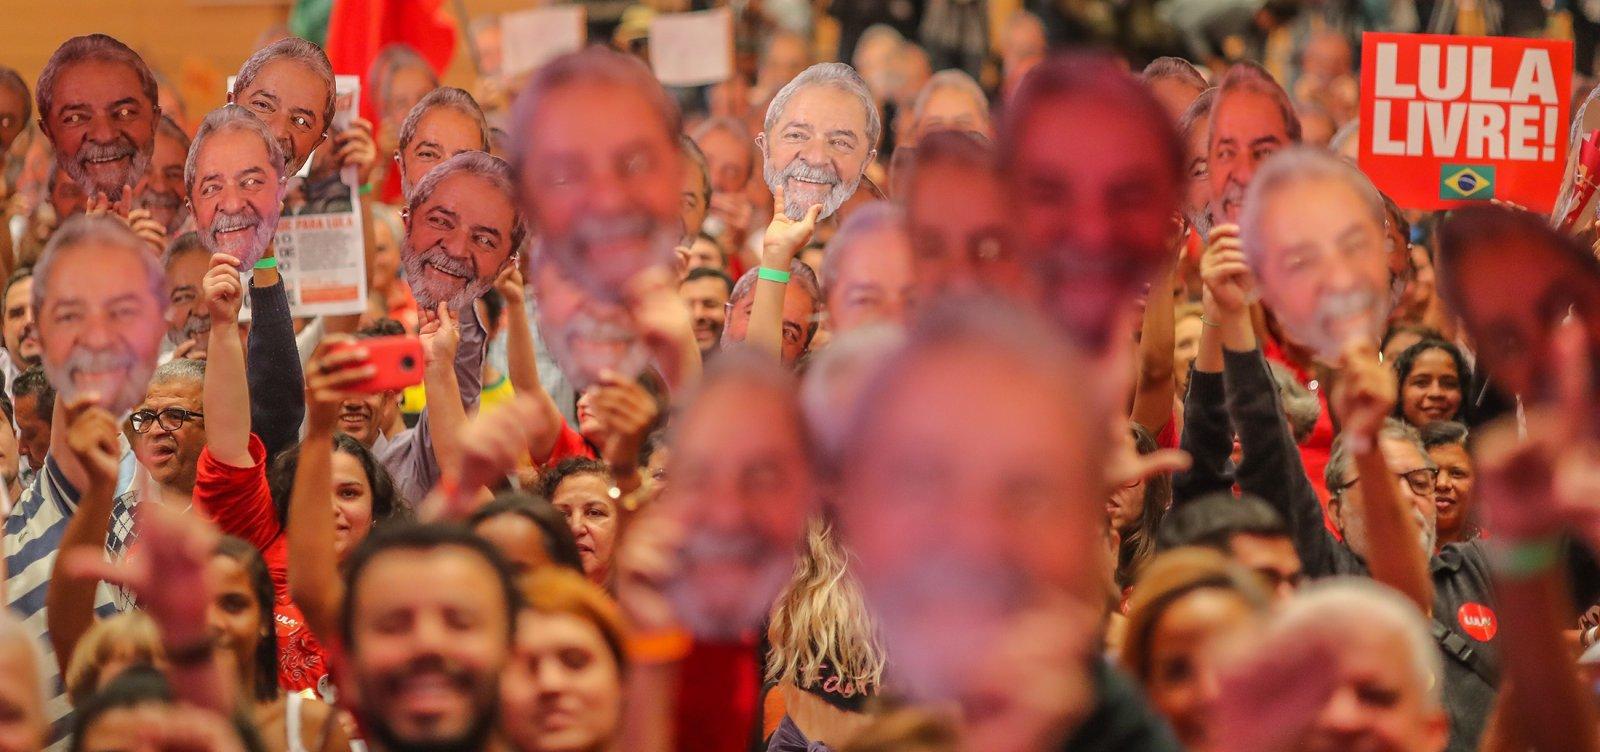 [Grupo de petistas organiza Réveillon ao lado de penitenciária onde Lula está preso]